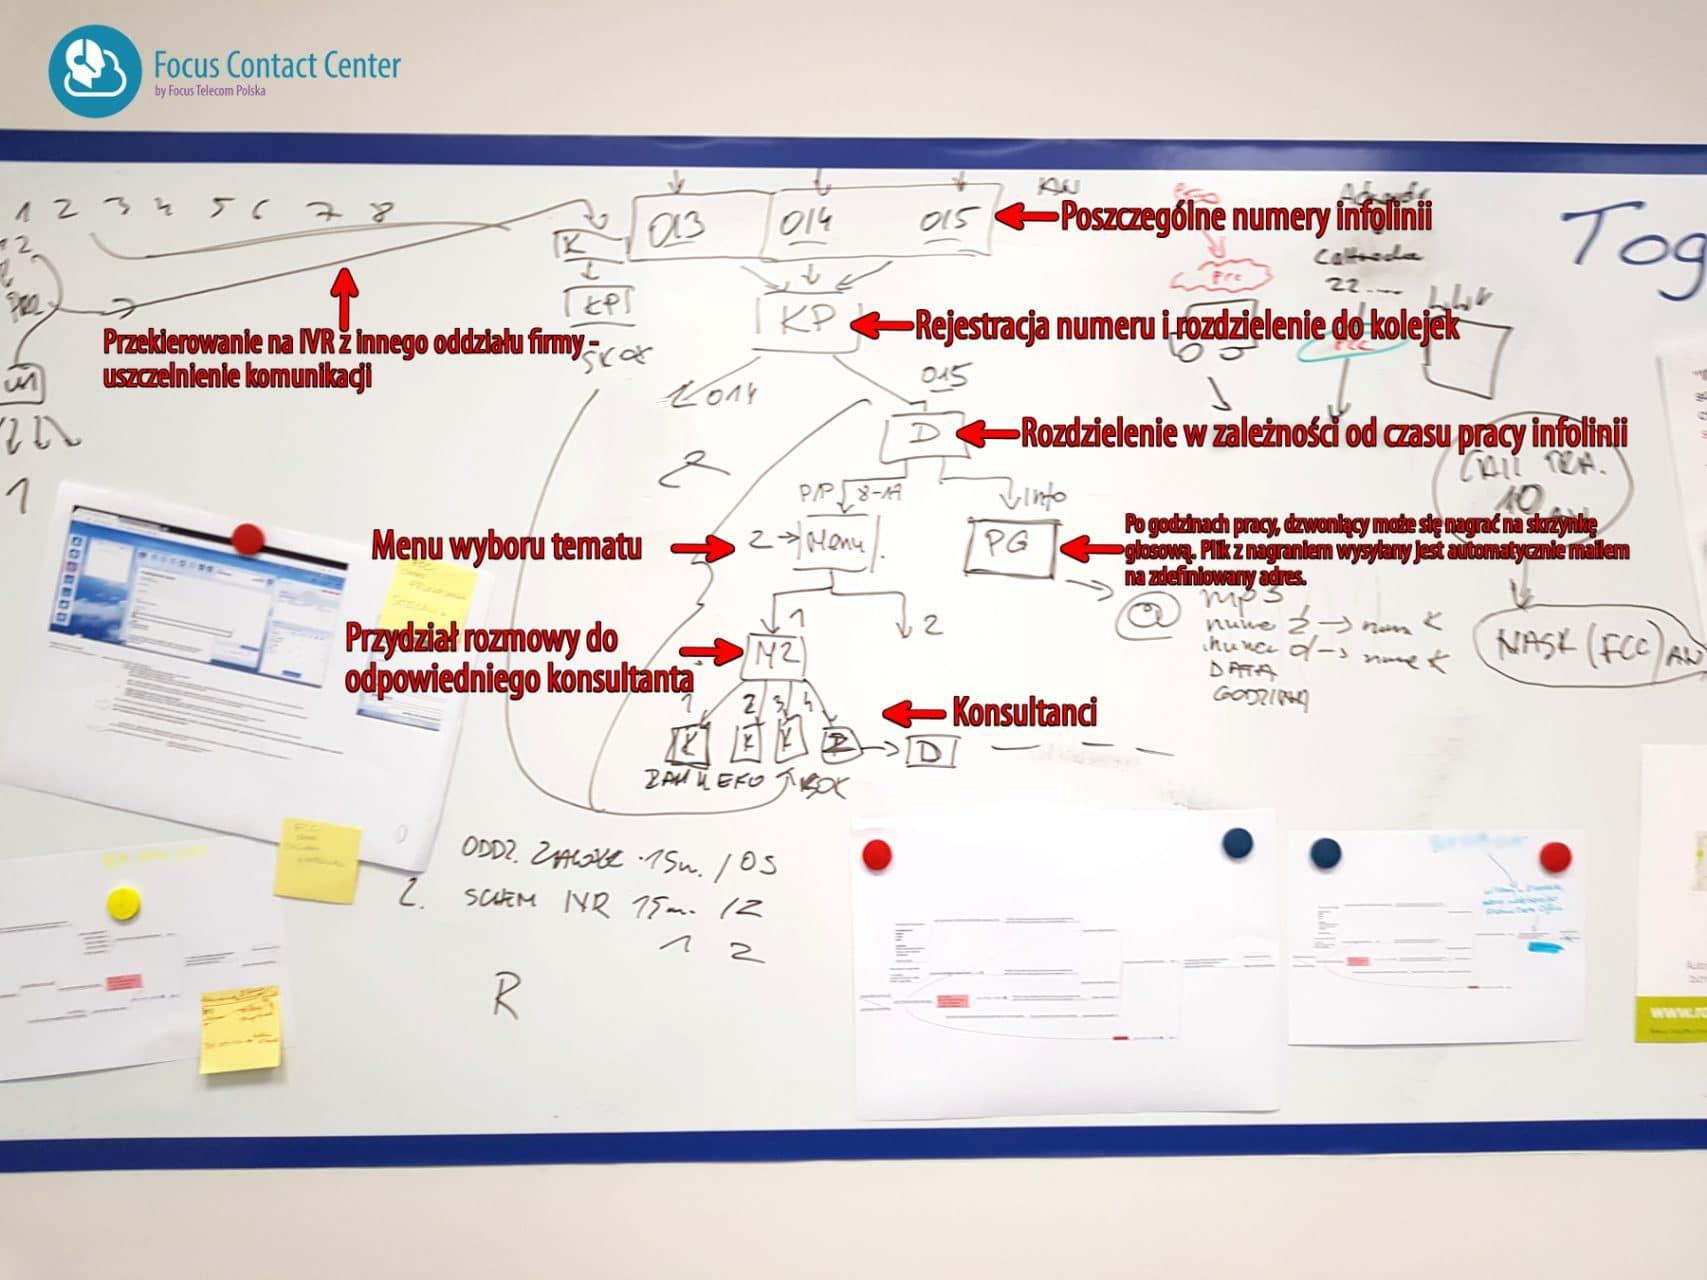 Jak przygotować menu IVR? Schemat z praktyki.